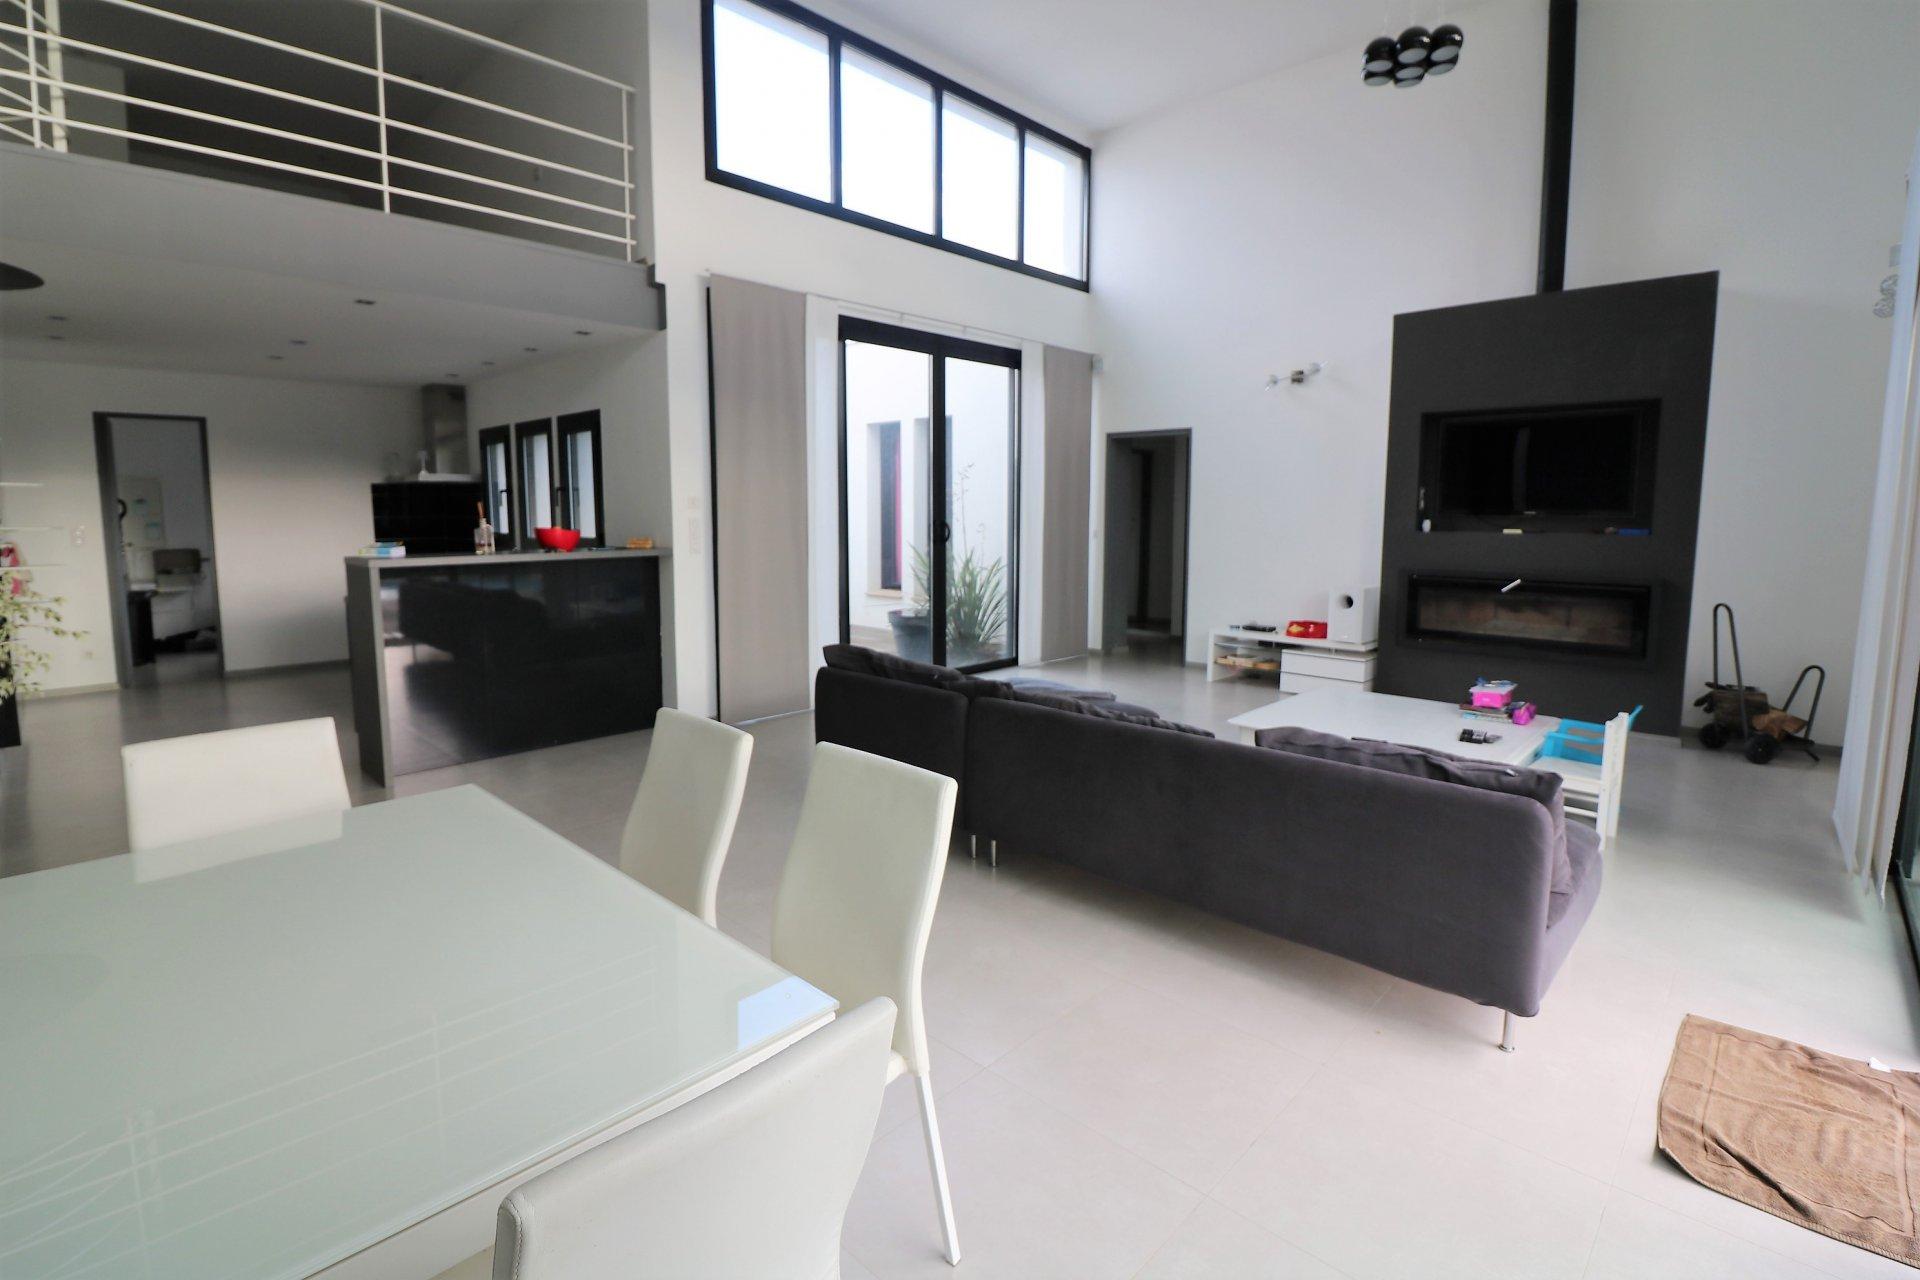 A vendre villa contemporaine à Plan de la Tour proche village